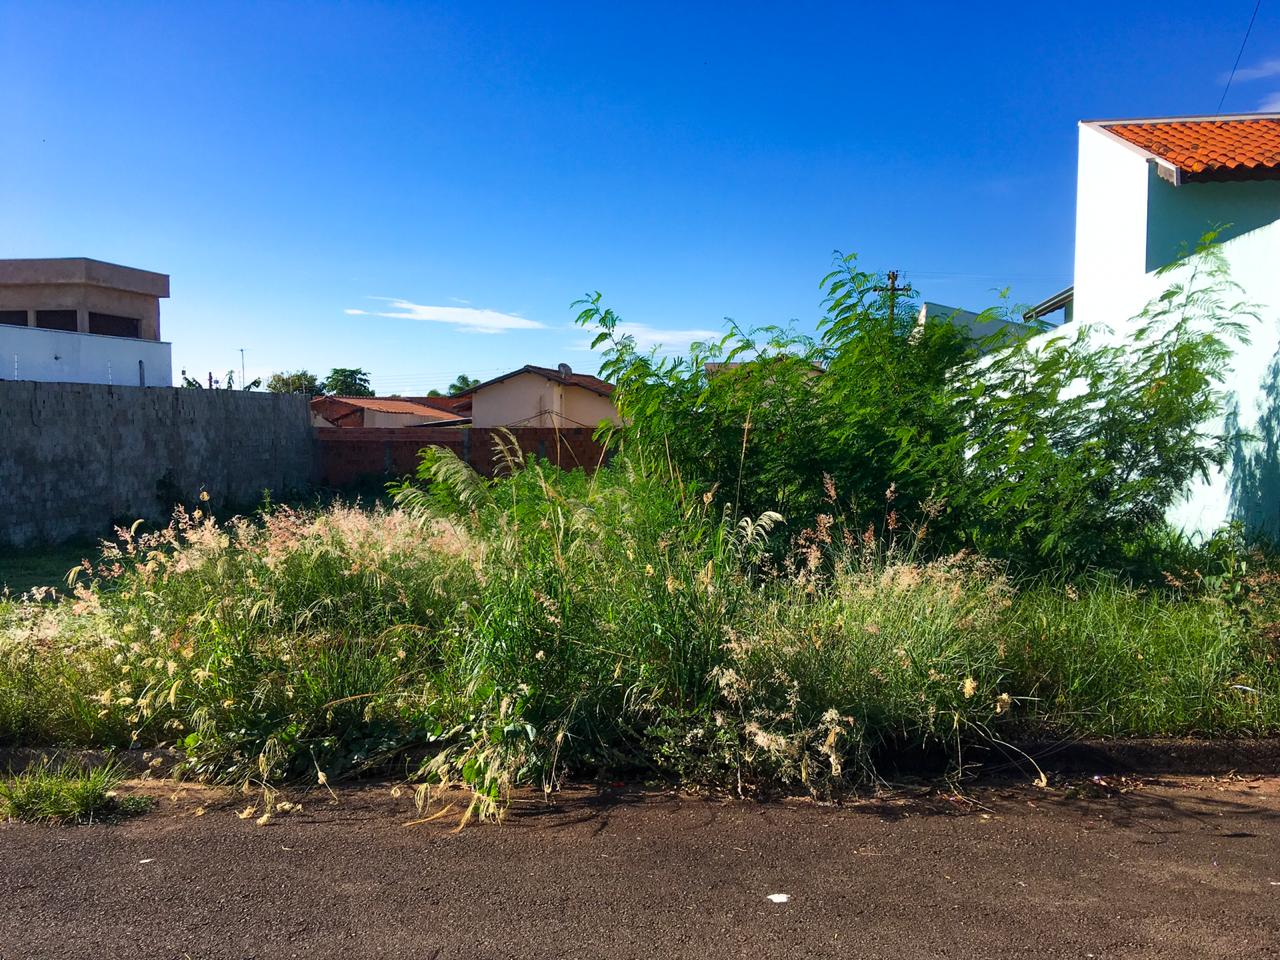 São Manuel prorroga prazo para donos de terrenos construírem calçadas e muretas